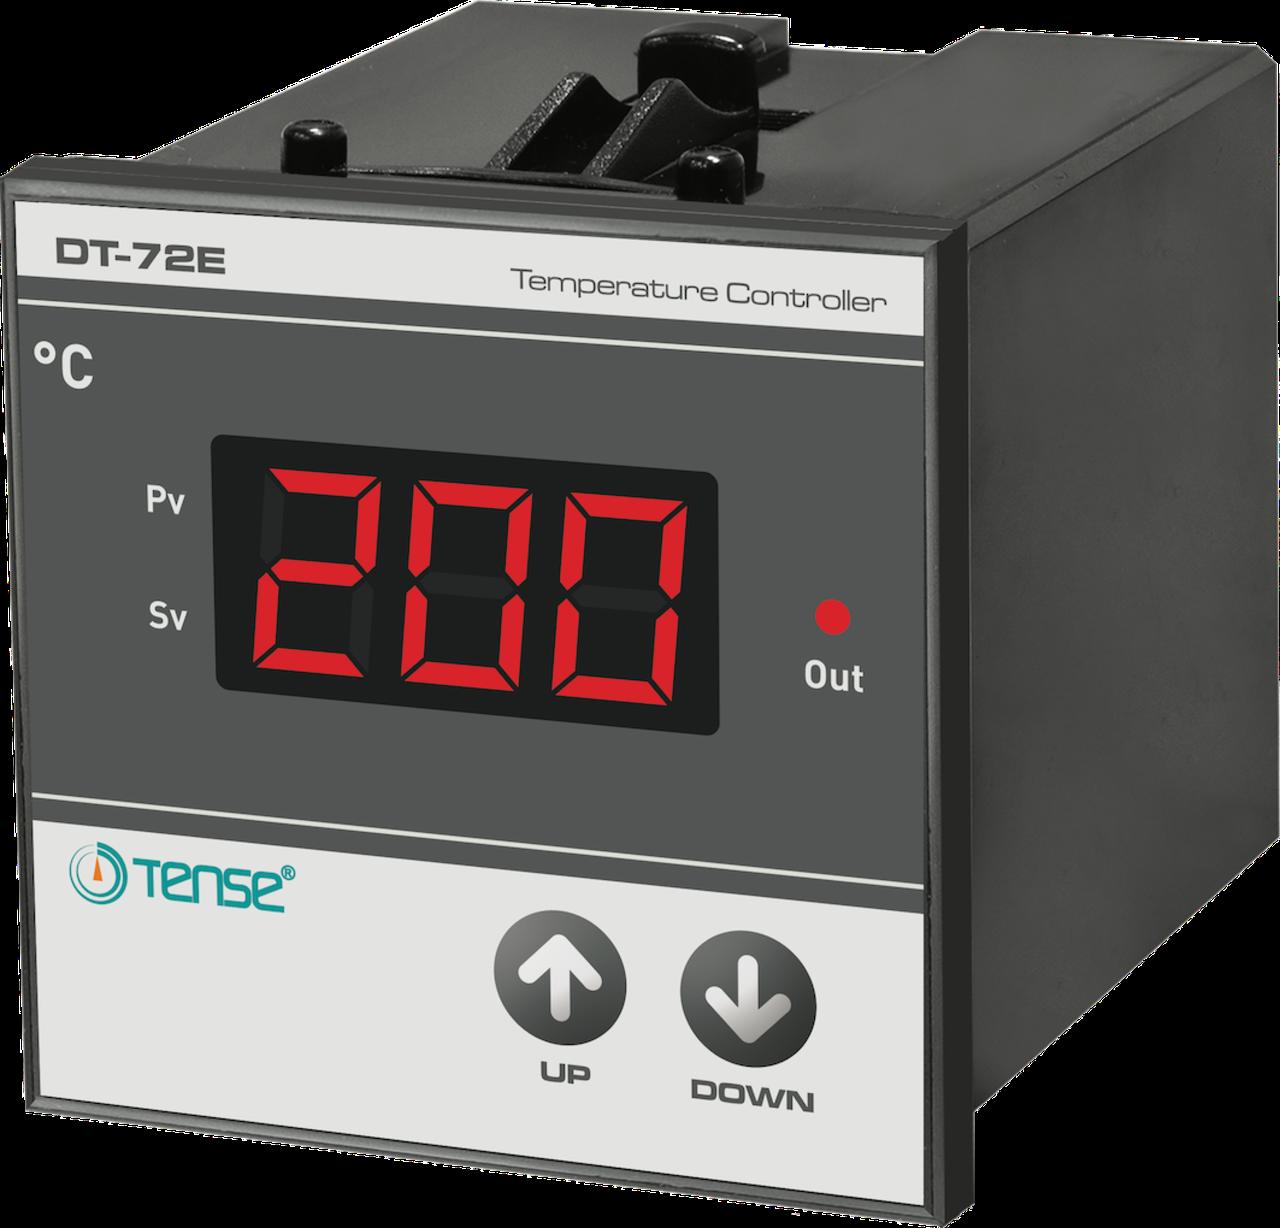 Реле контроля температуры промышленное 0...600°C TENSE монтаж в щит корпус 72*72 купить цена